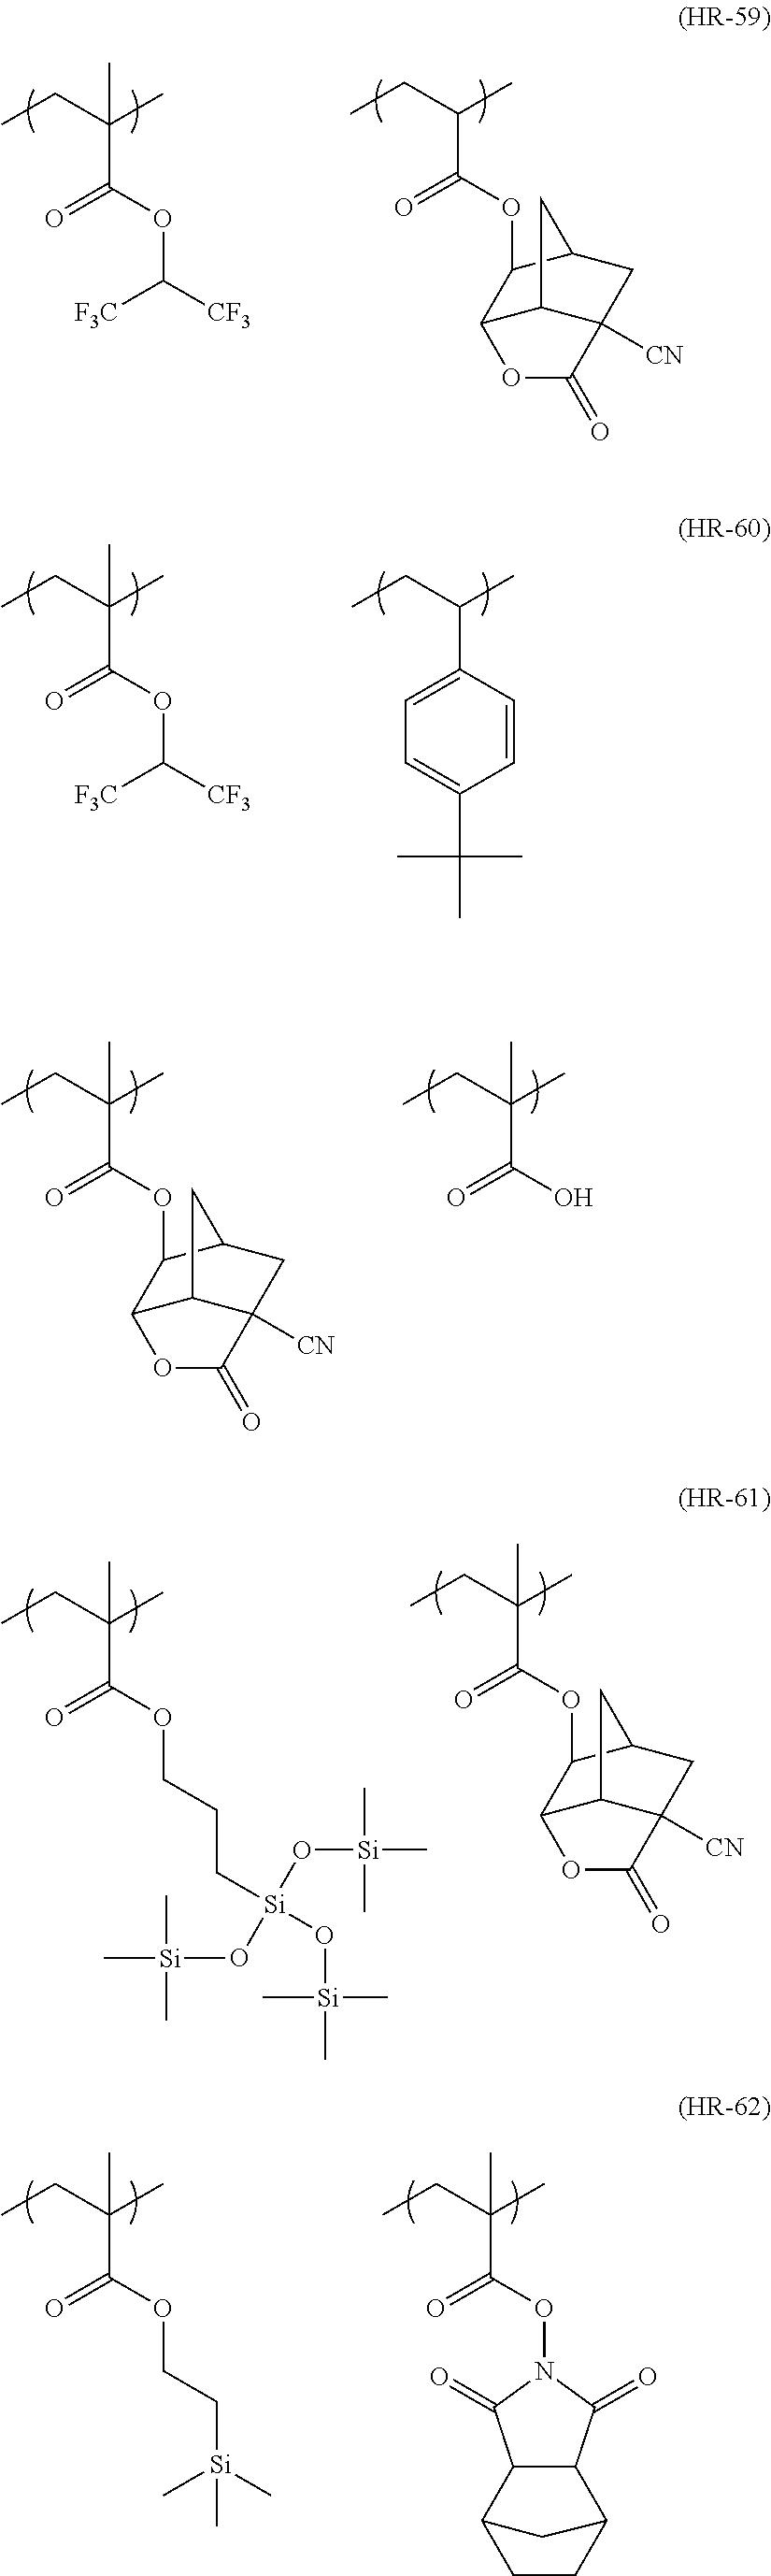 Figure US08404427-20130326-C00164